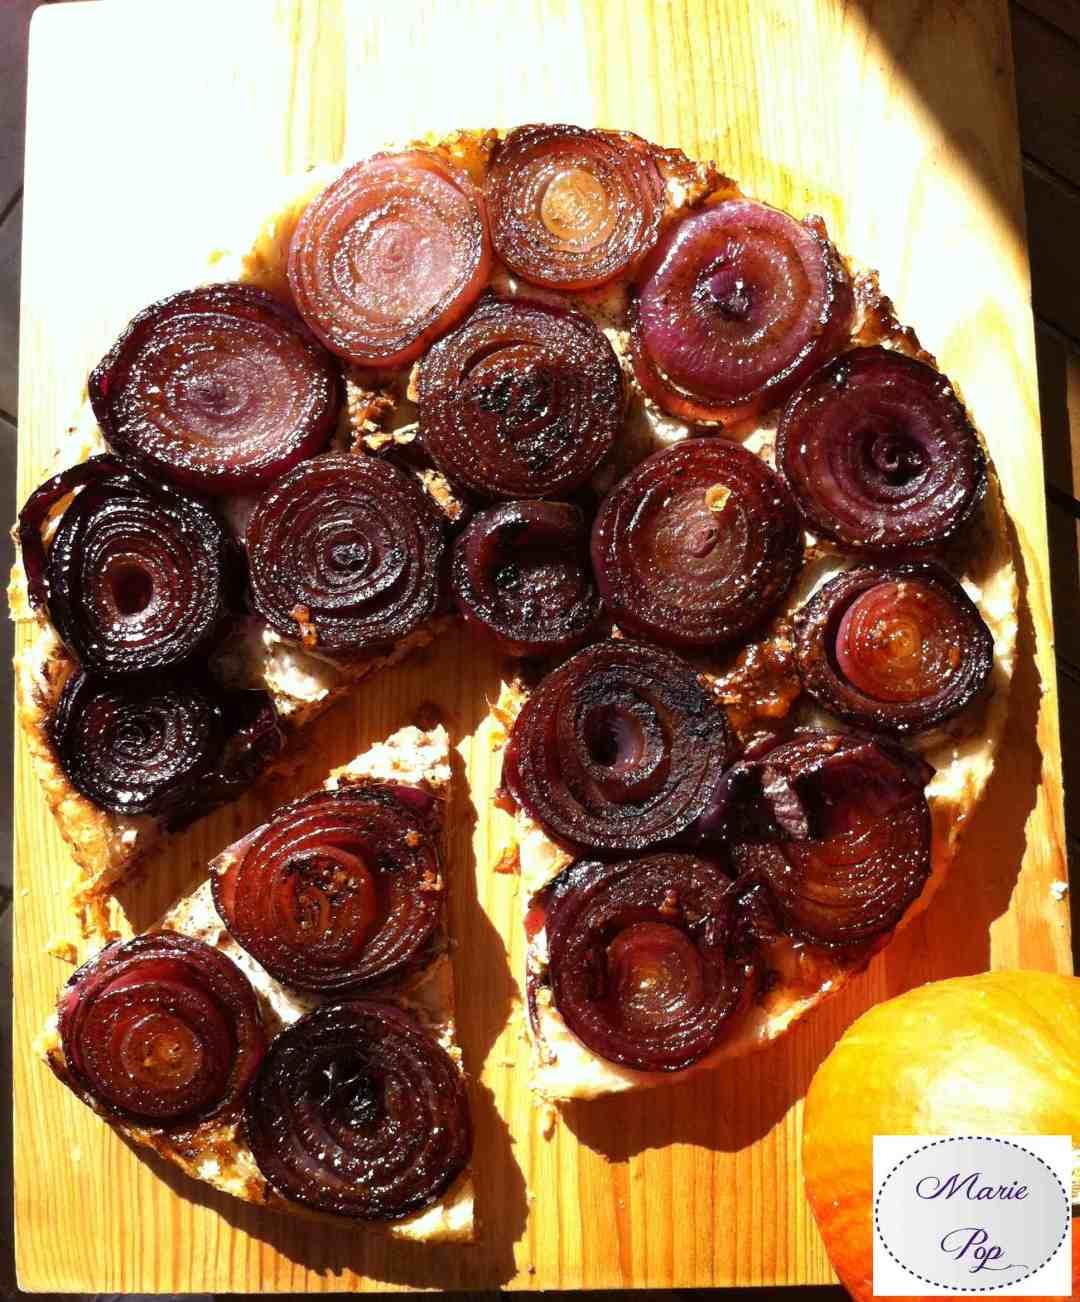 Tarte tatin d'oignons rouges - la recette